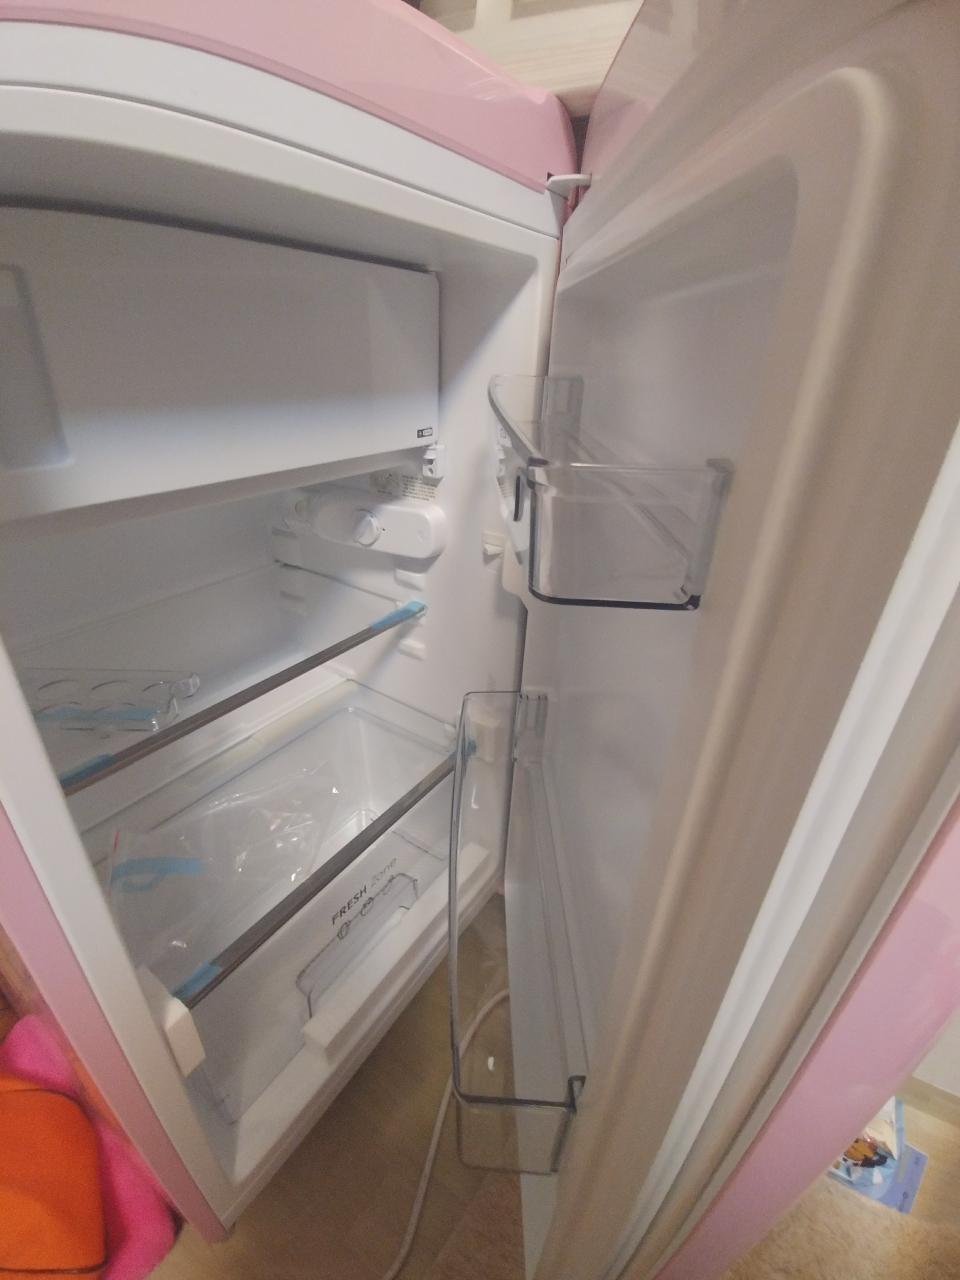 위니아프라우드s 소형냉장고 칵테일핑크 새것